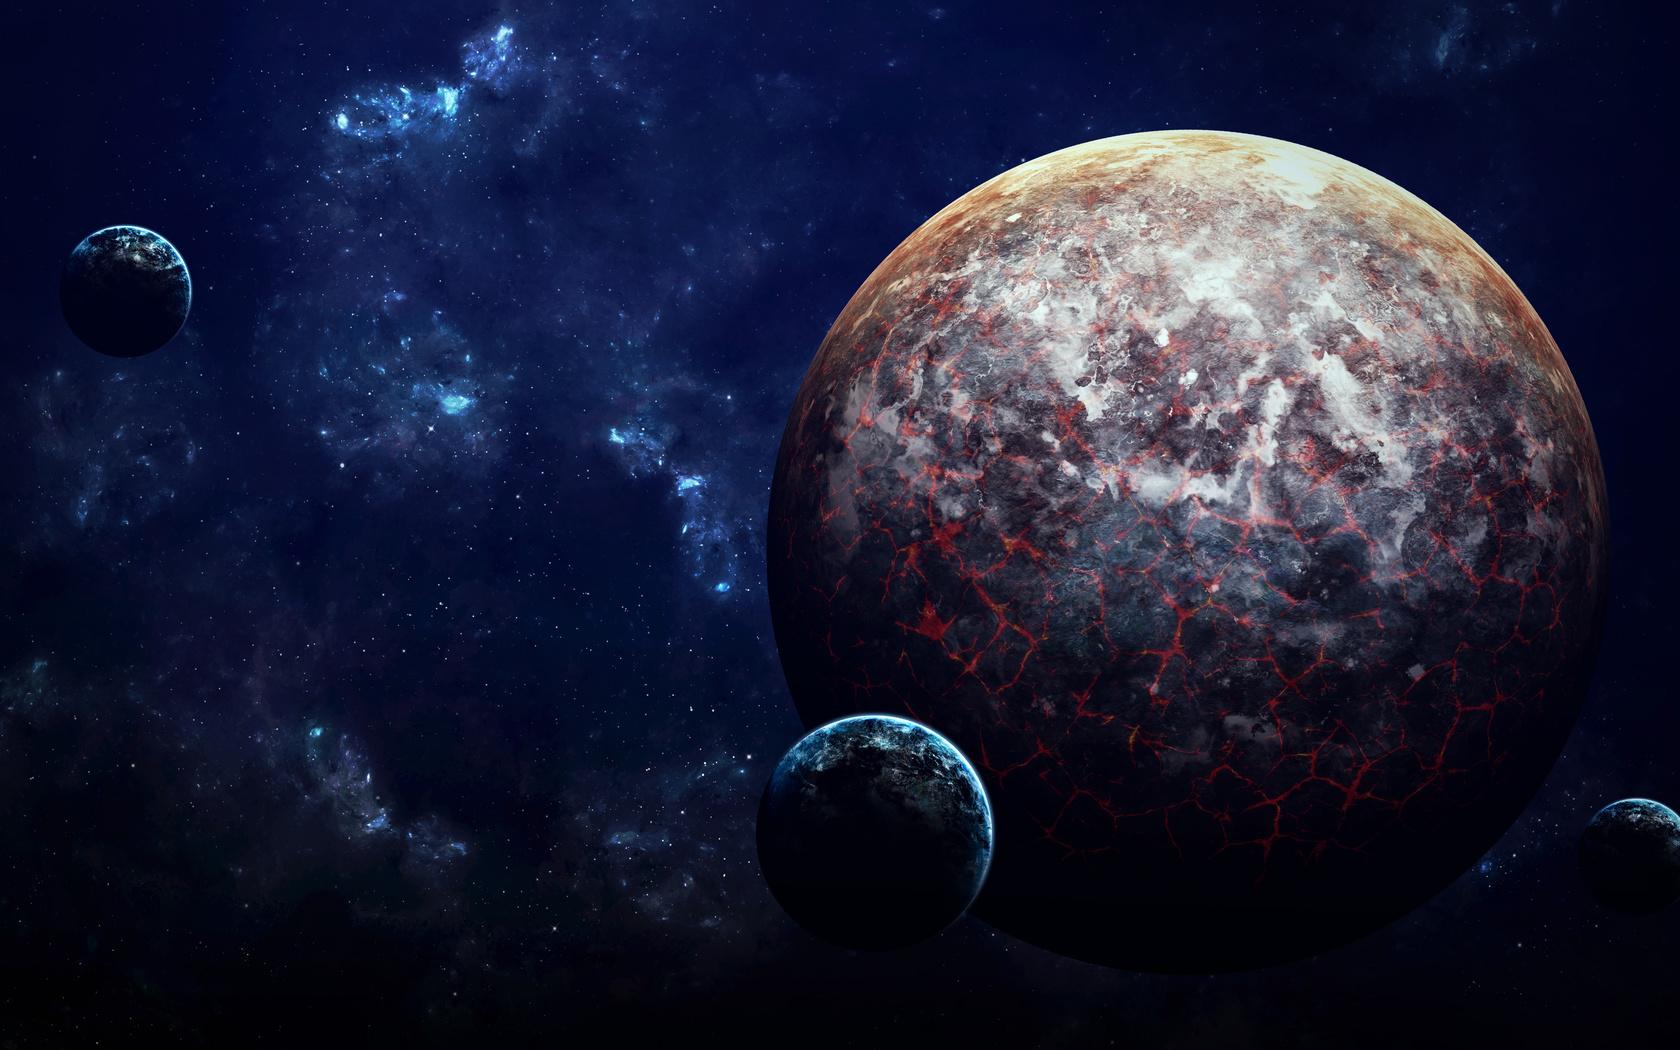 космос, обои для рабочего стола, алекс159 растягивает обоины как свое очко